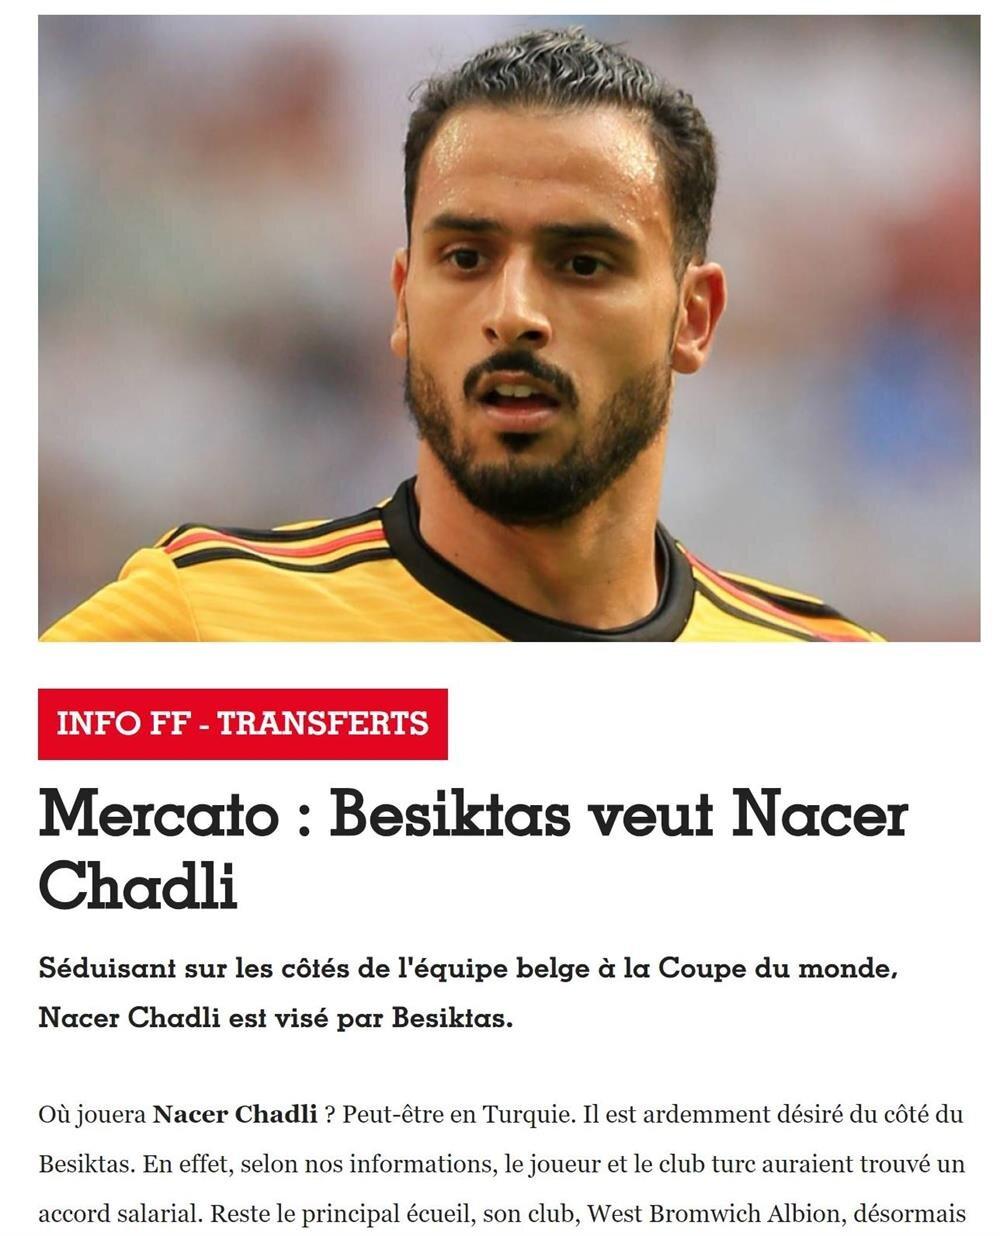 France Football, Beşiktaş'ın Chadli ile yıllık ücret konusunda anlaşma sağladığını duyurdu.